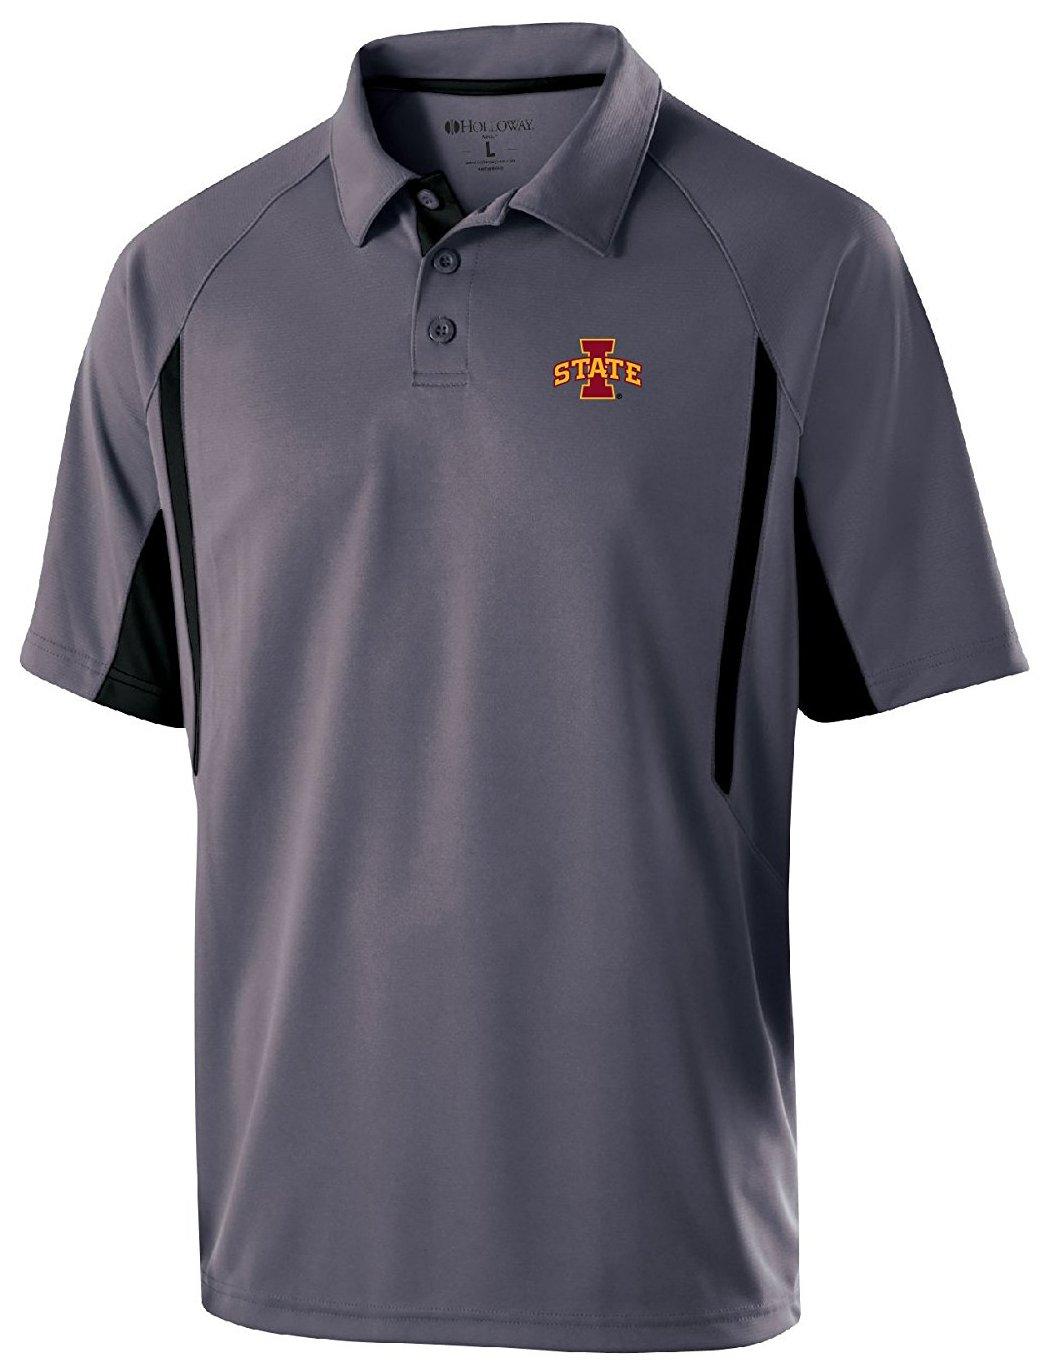 Ouray Sportswear NCAA Mens Holloway Avenger Polo